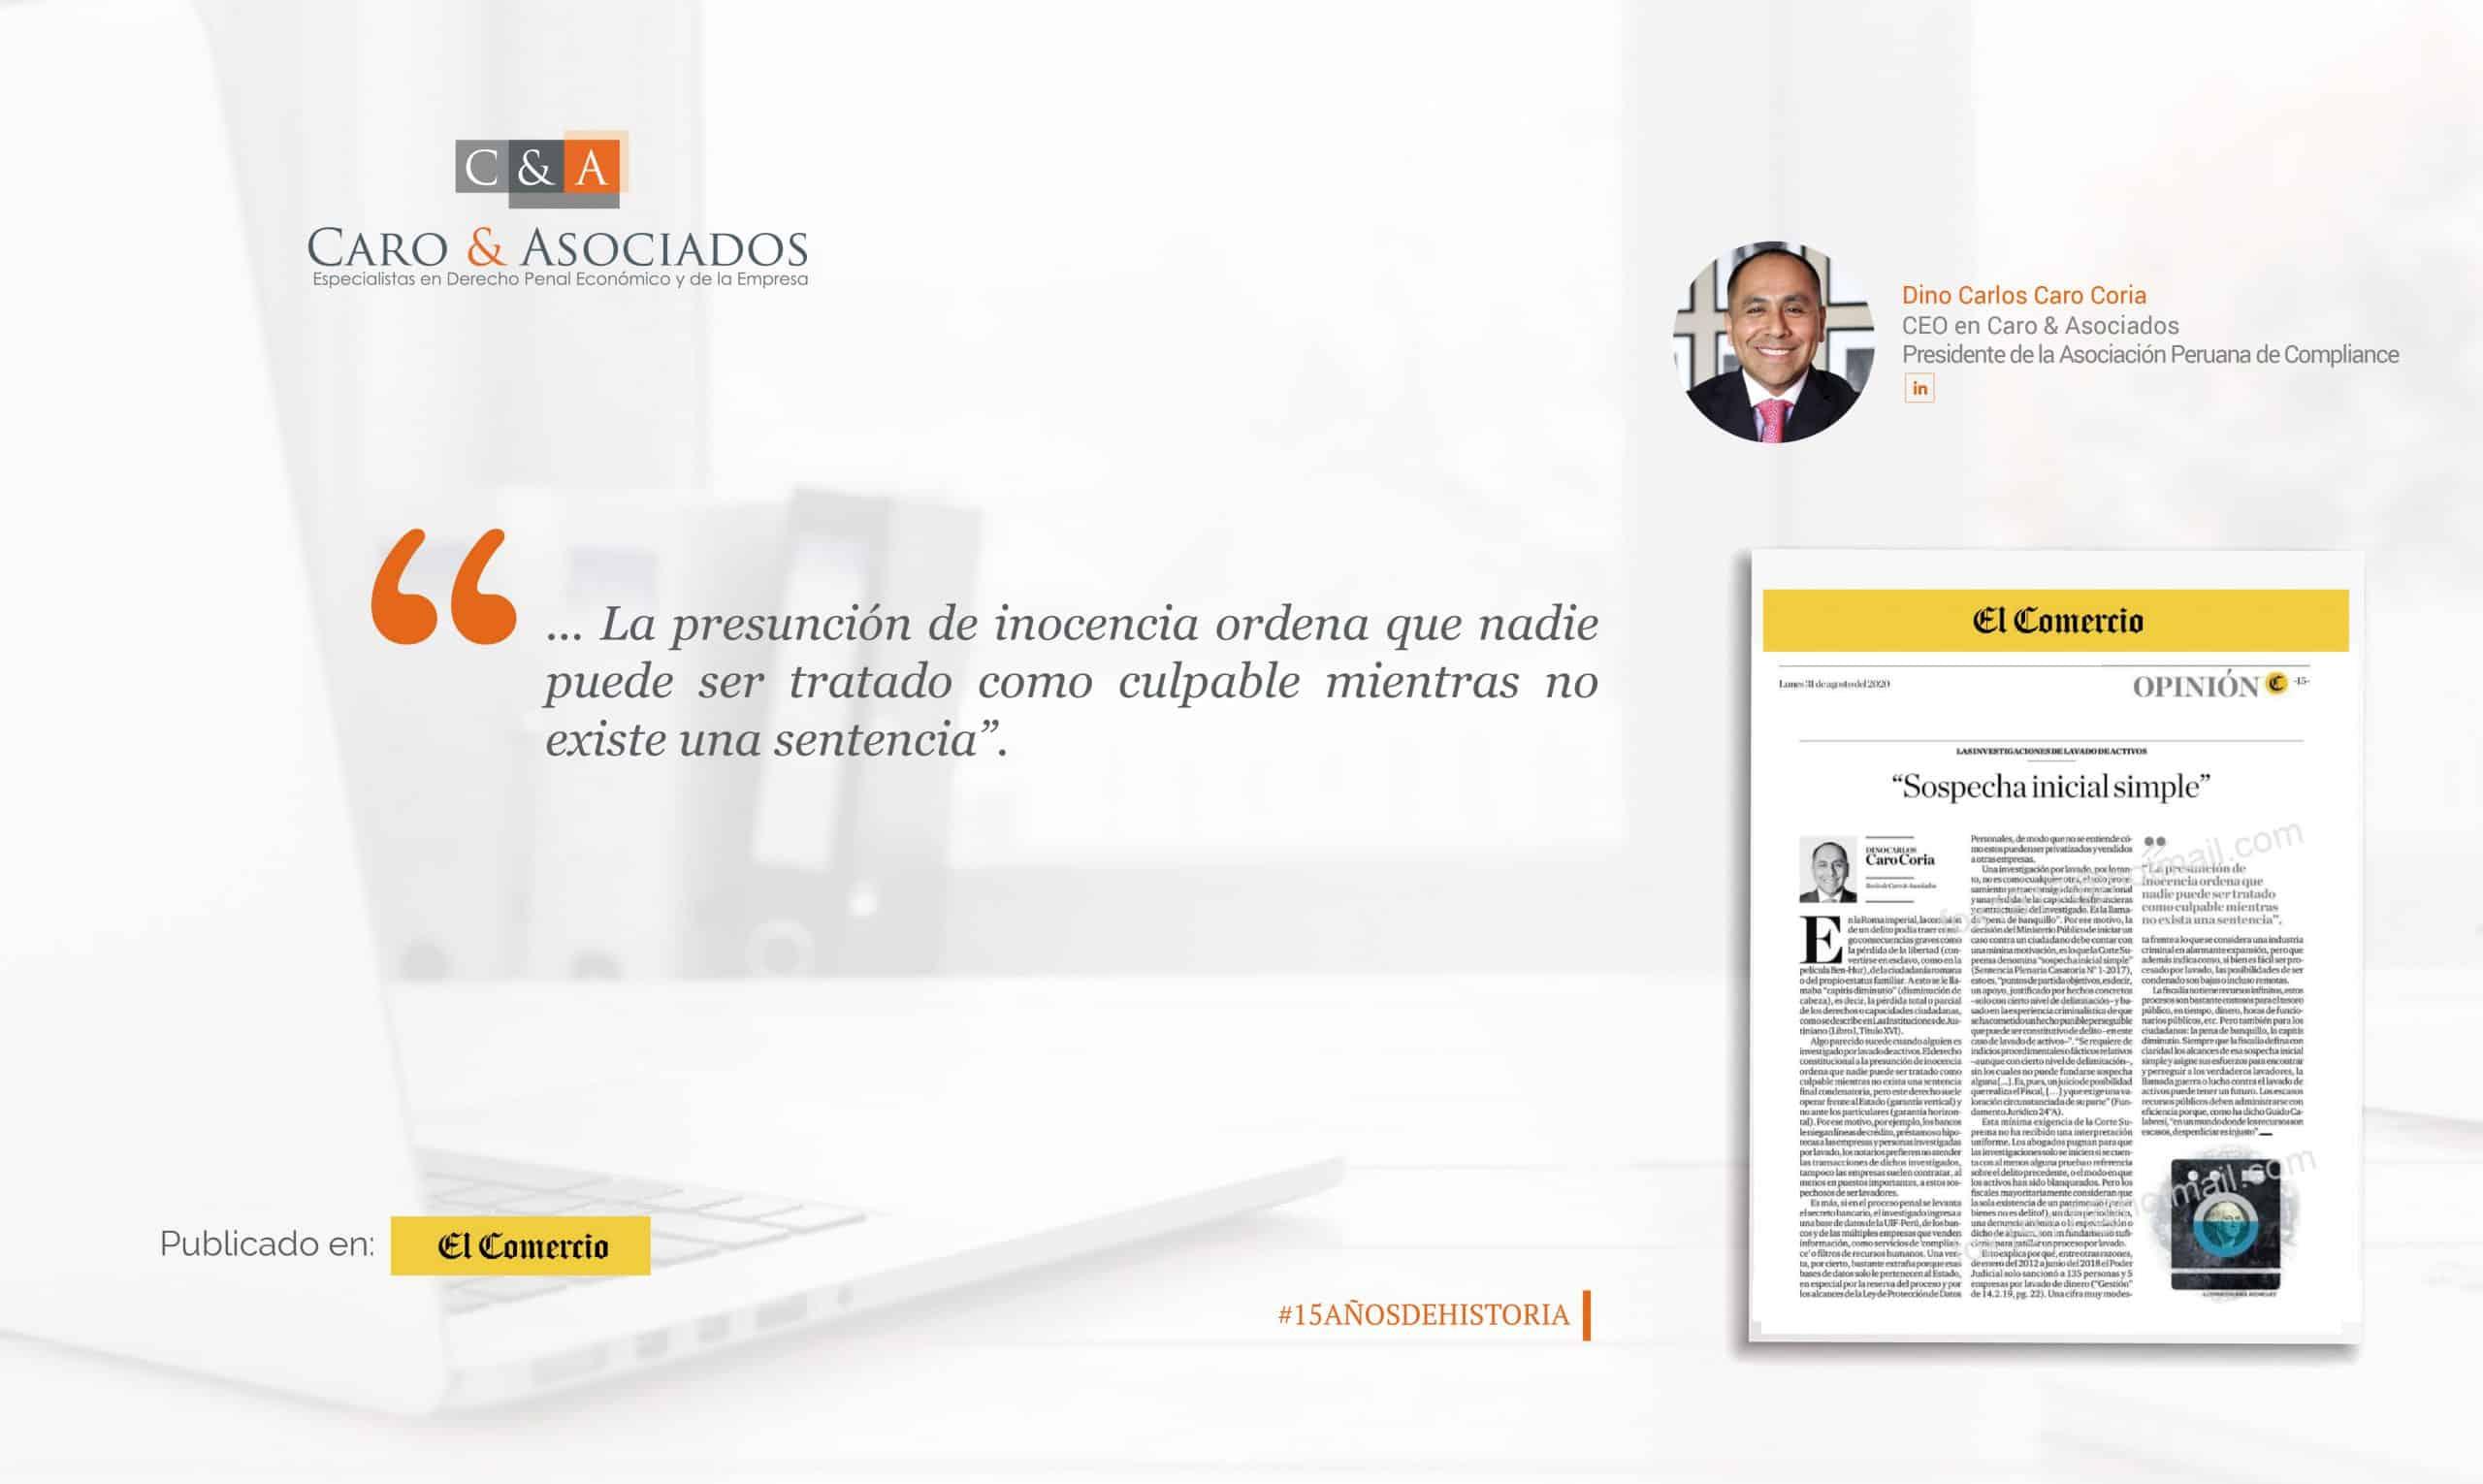 """""""La Sospecha Inicial Simple"""" Por Dino Carlos Caro Coria En El Comercio"""